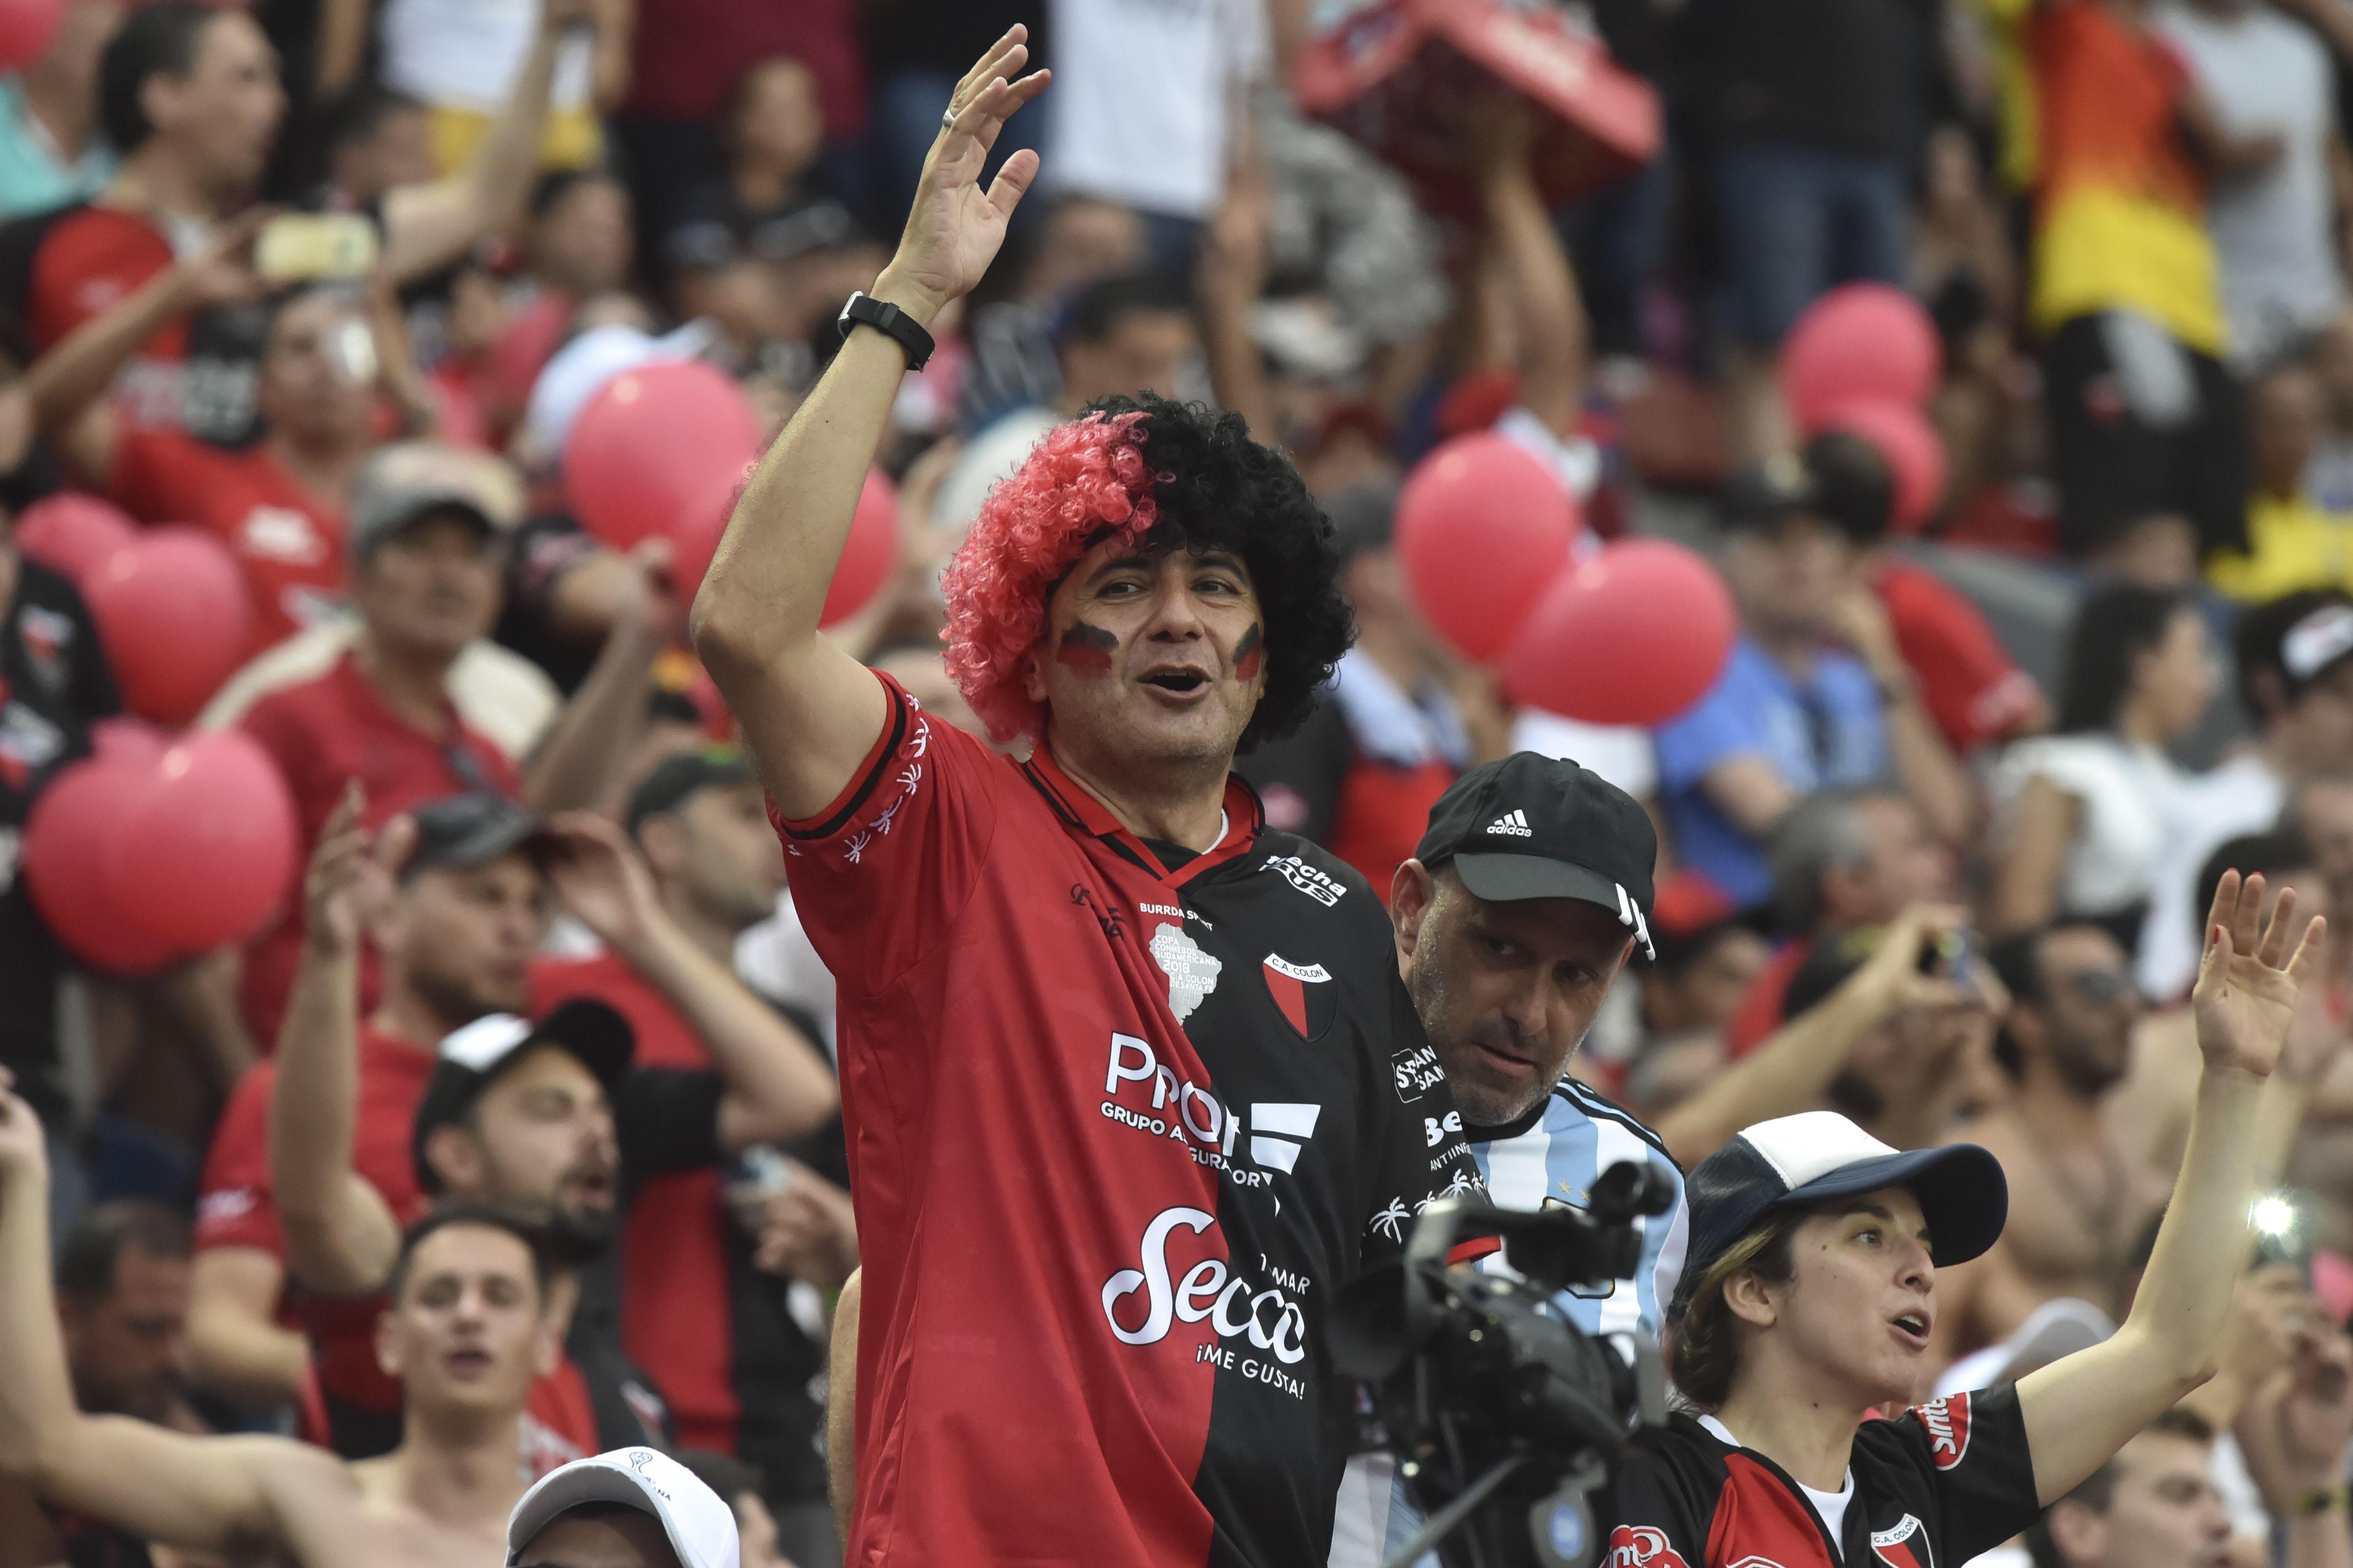 no-sera-una-final-pero-es-futbol-amor-y-pasion-el-mensaje-viral-de-un-fanatico-de-colon